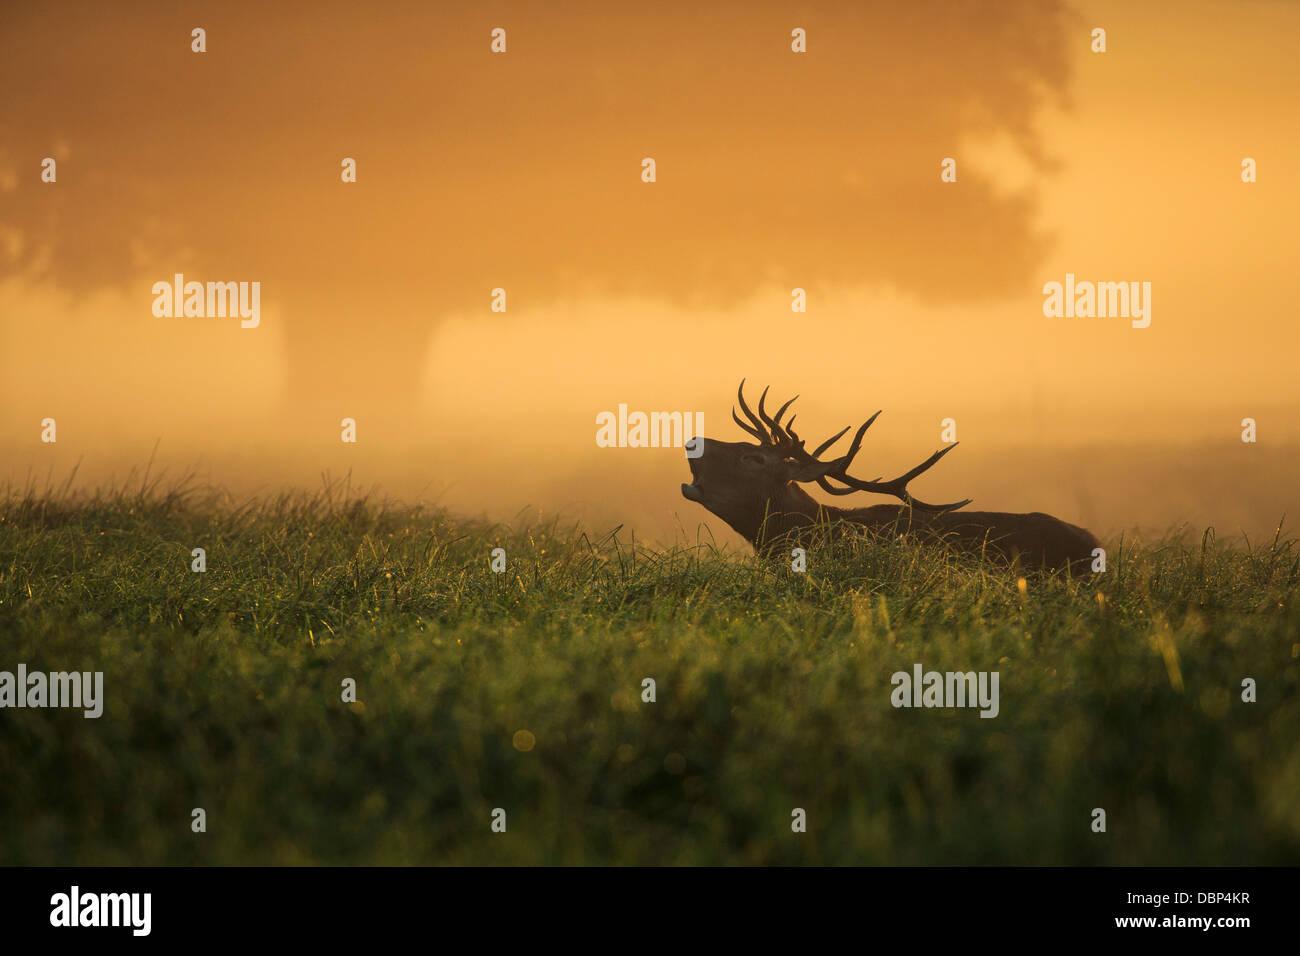 Despedida de soltero en el campo al amanecer Imagen De Stock